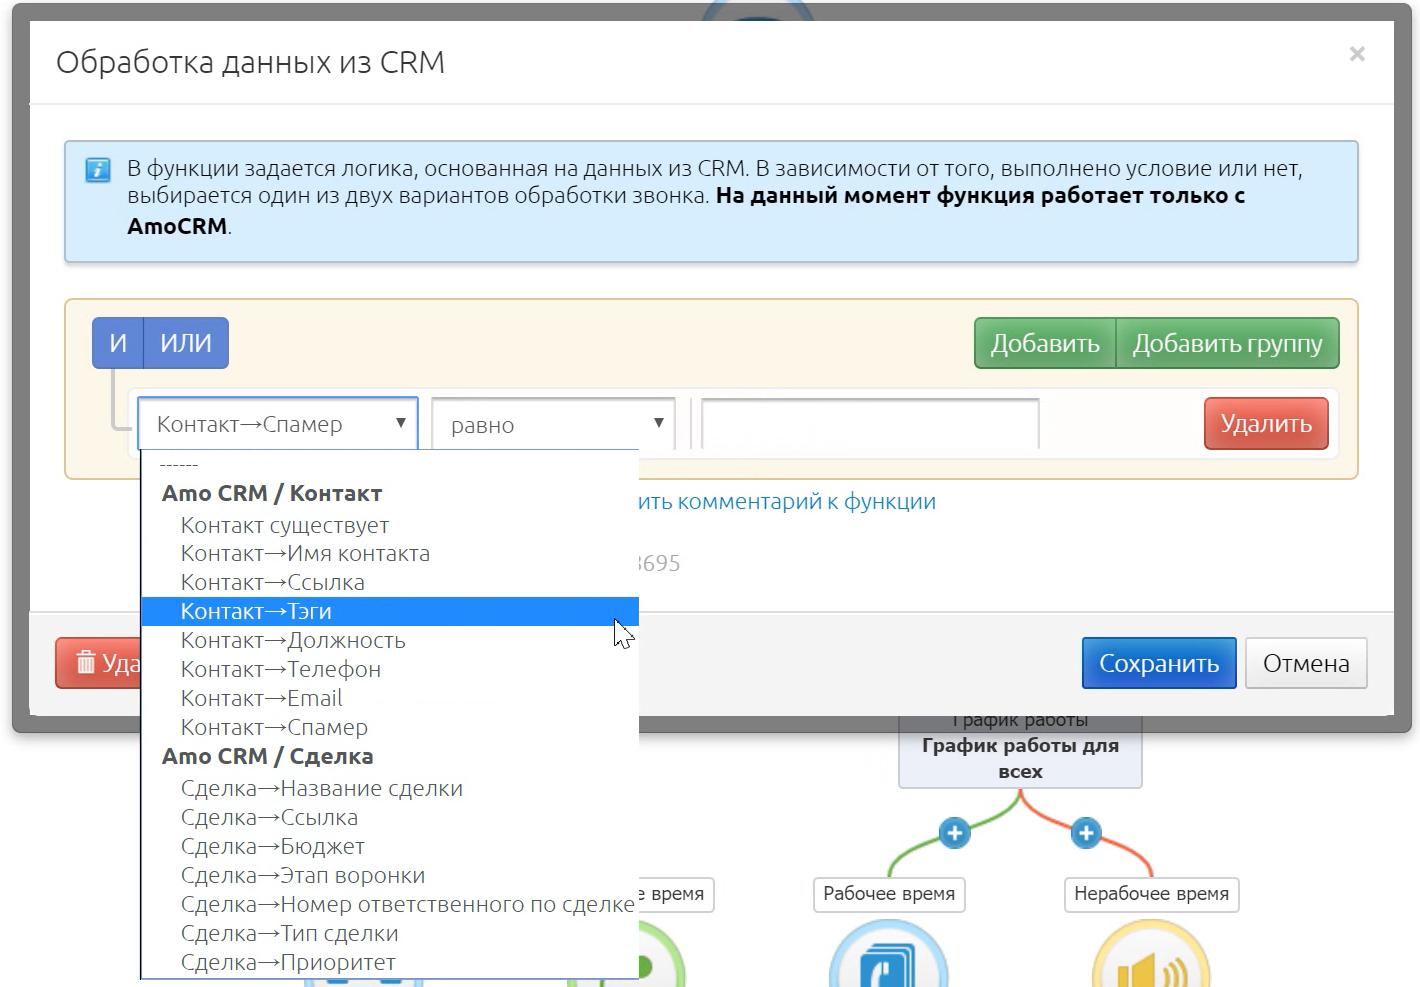 Выбор аргумента для настройки функции Обработка данных из CRM Sipuni